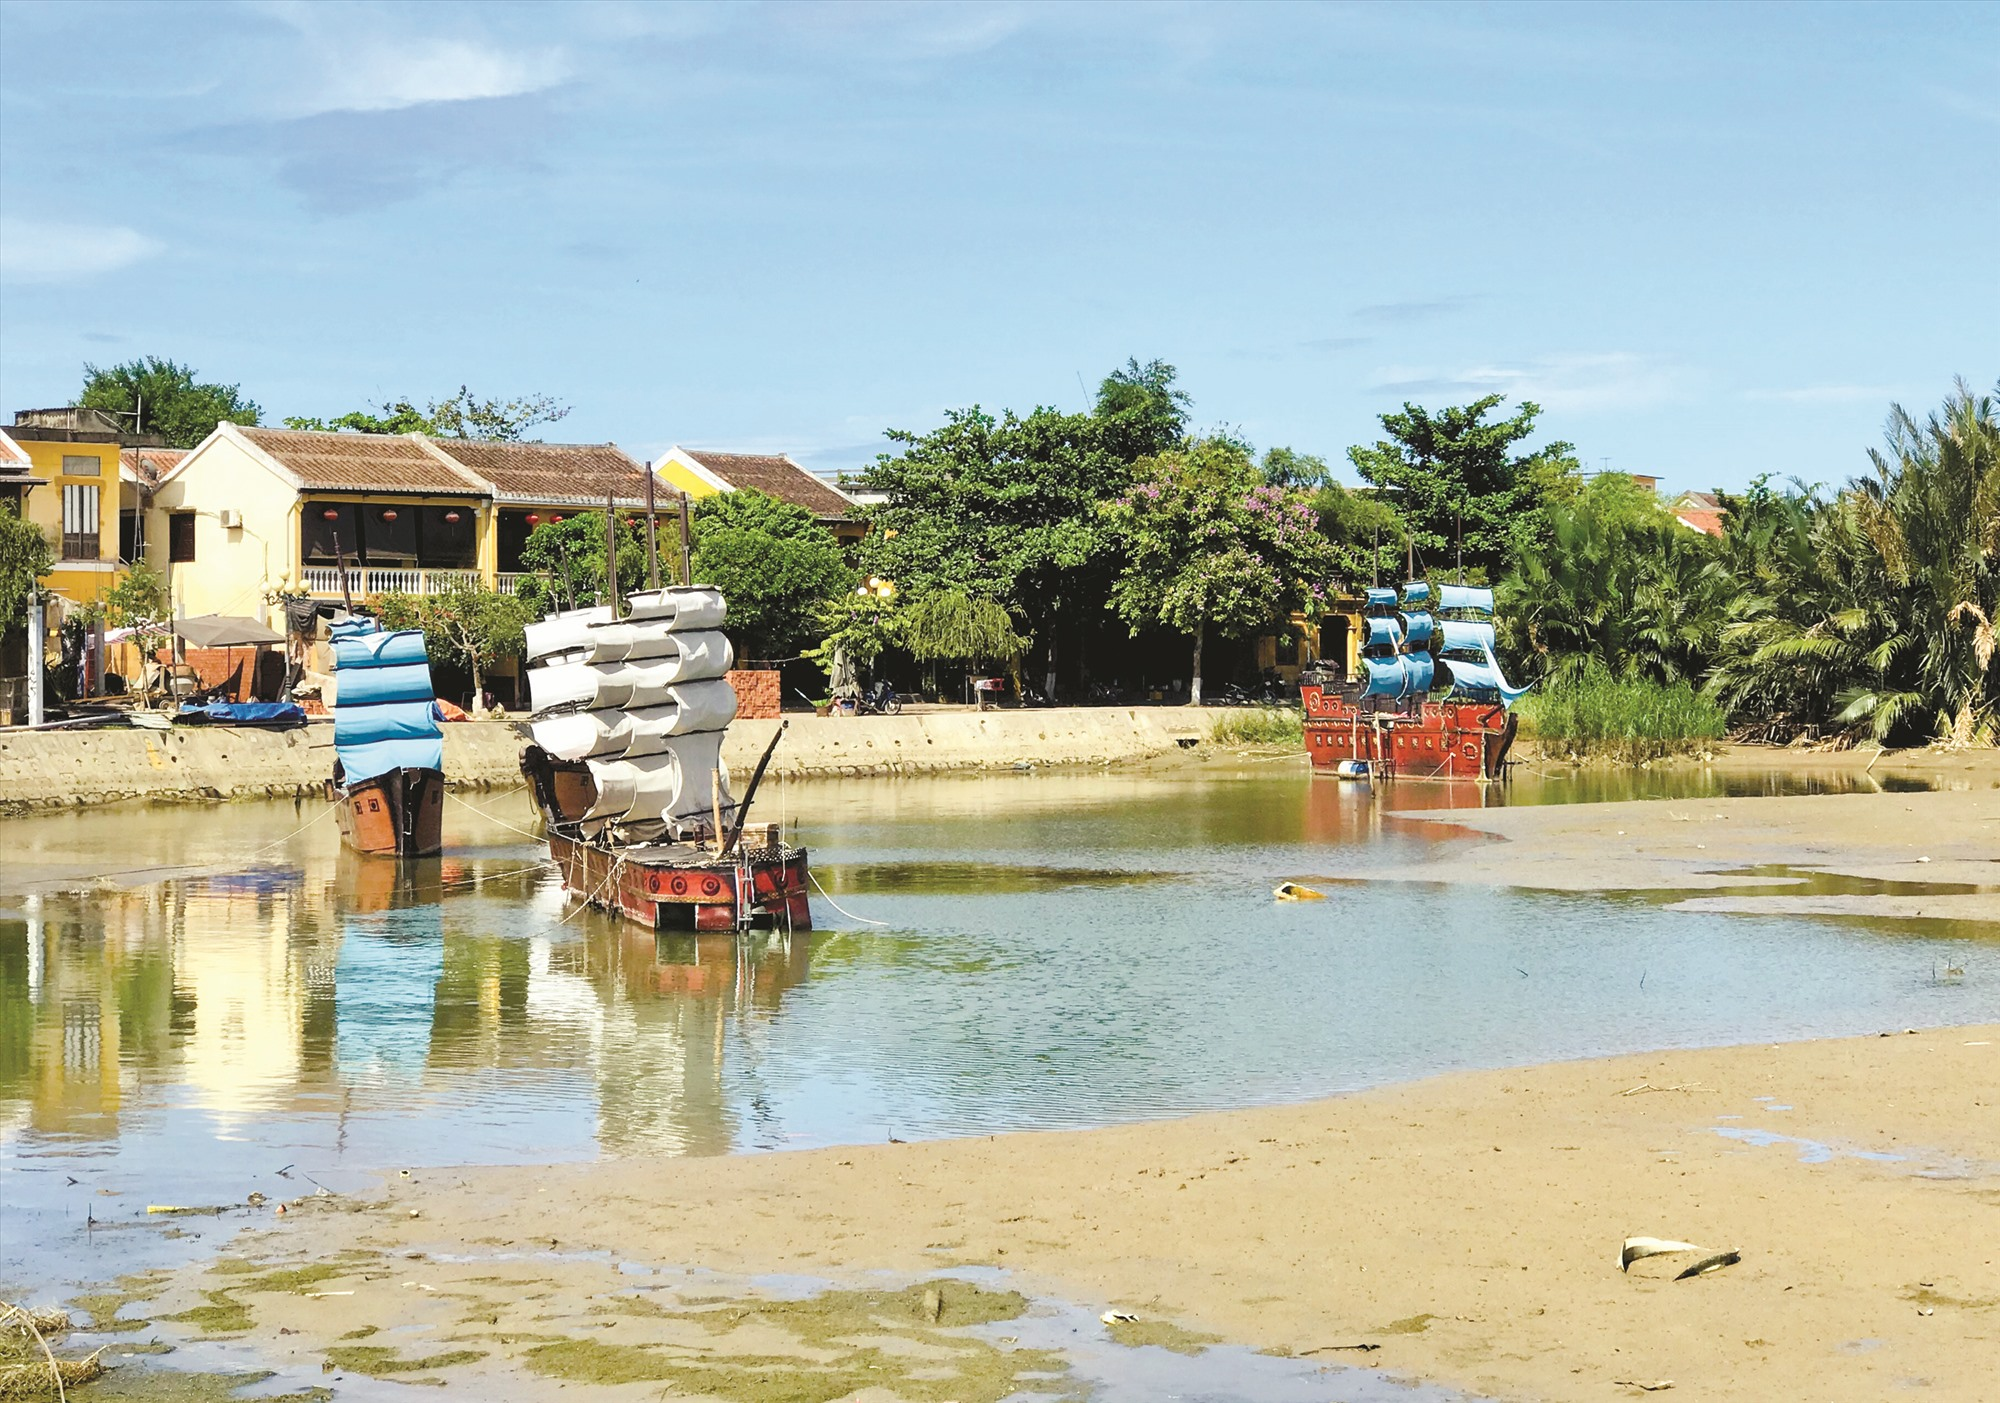 Những chiếc thuyền nằm trơ trọi ở góc sông Hoài vì dịch bệnh, chưa hẹn thời gian trình diễn với du khách. Ảnh: Q.T